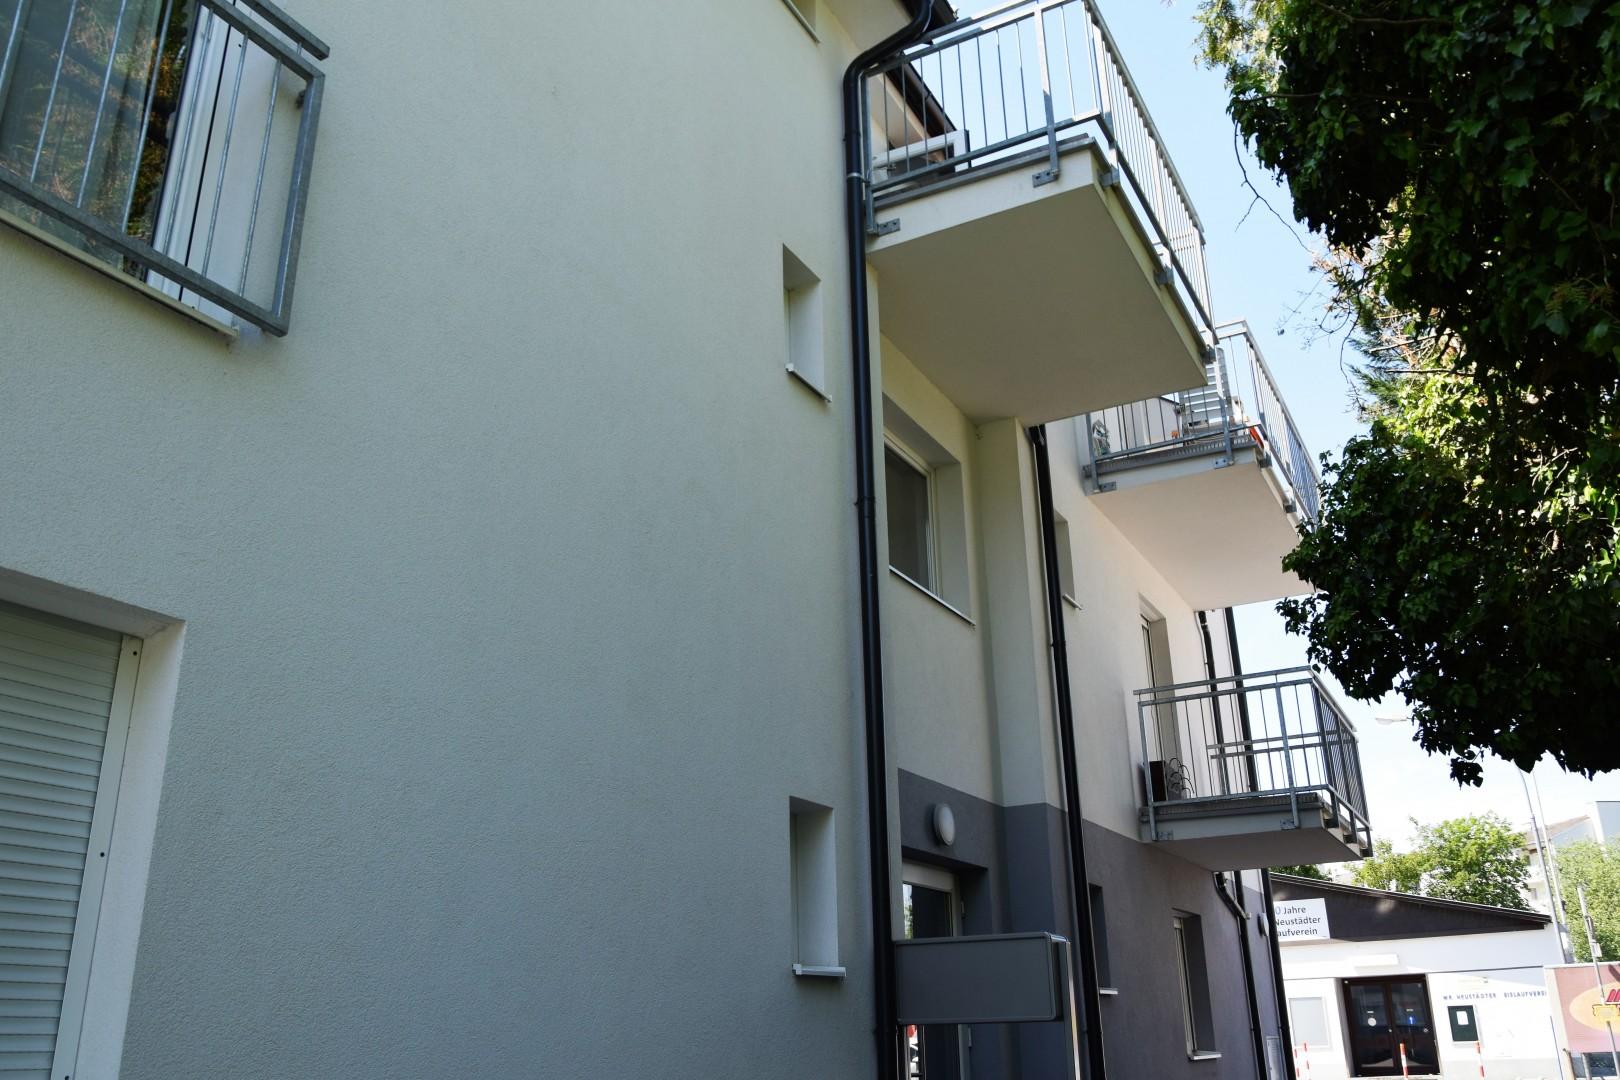 Neuwertige Mietwohnung in guter Lage mit Balkon